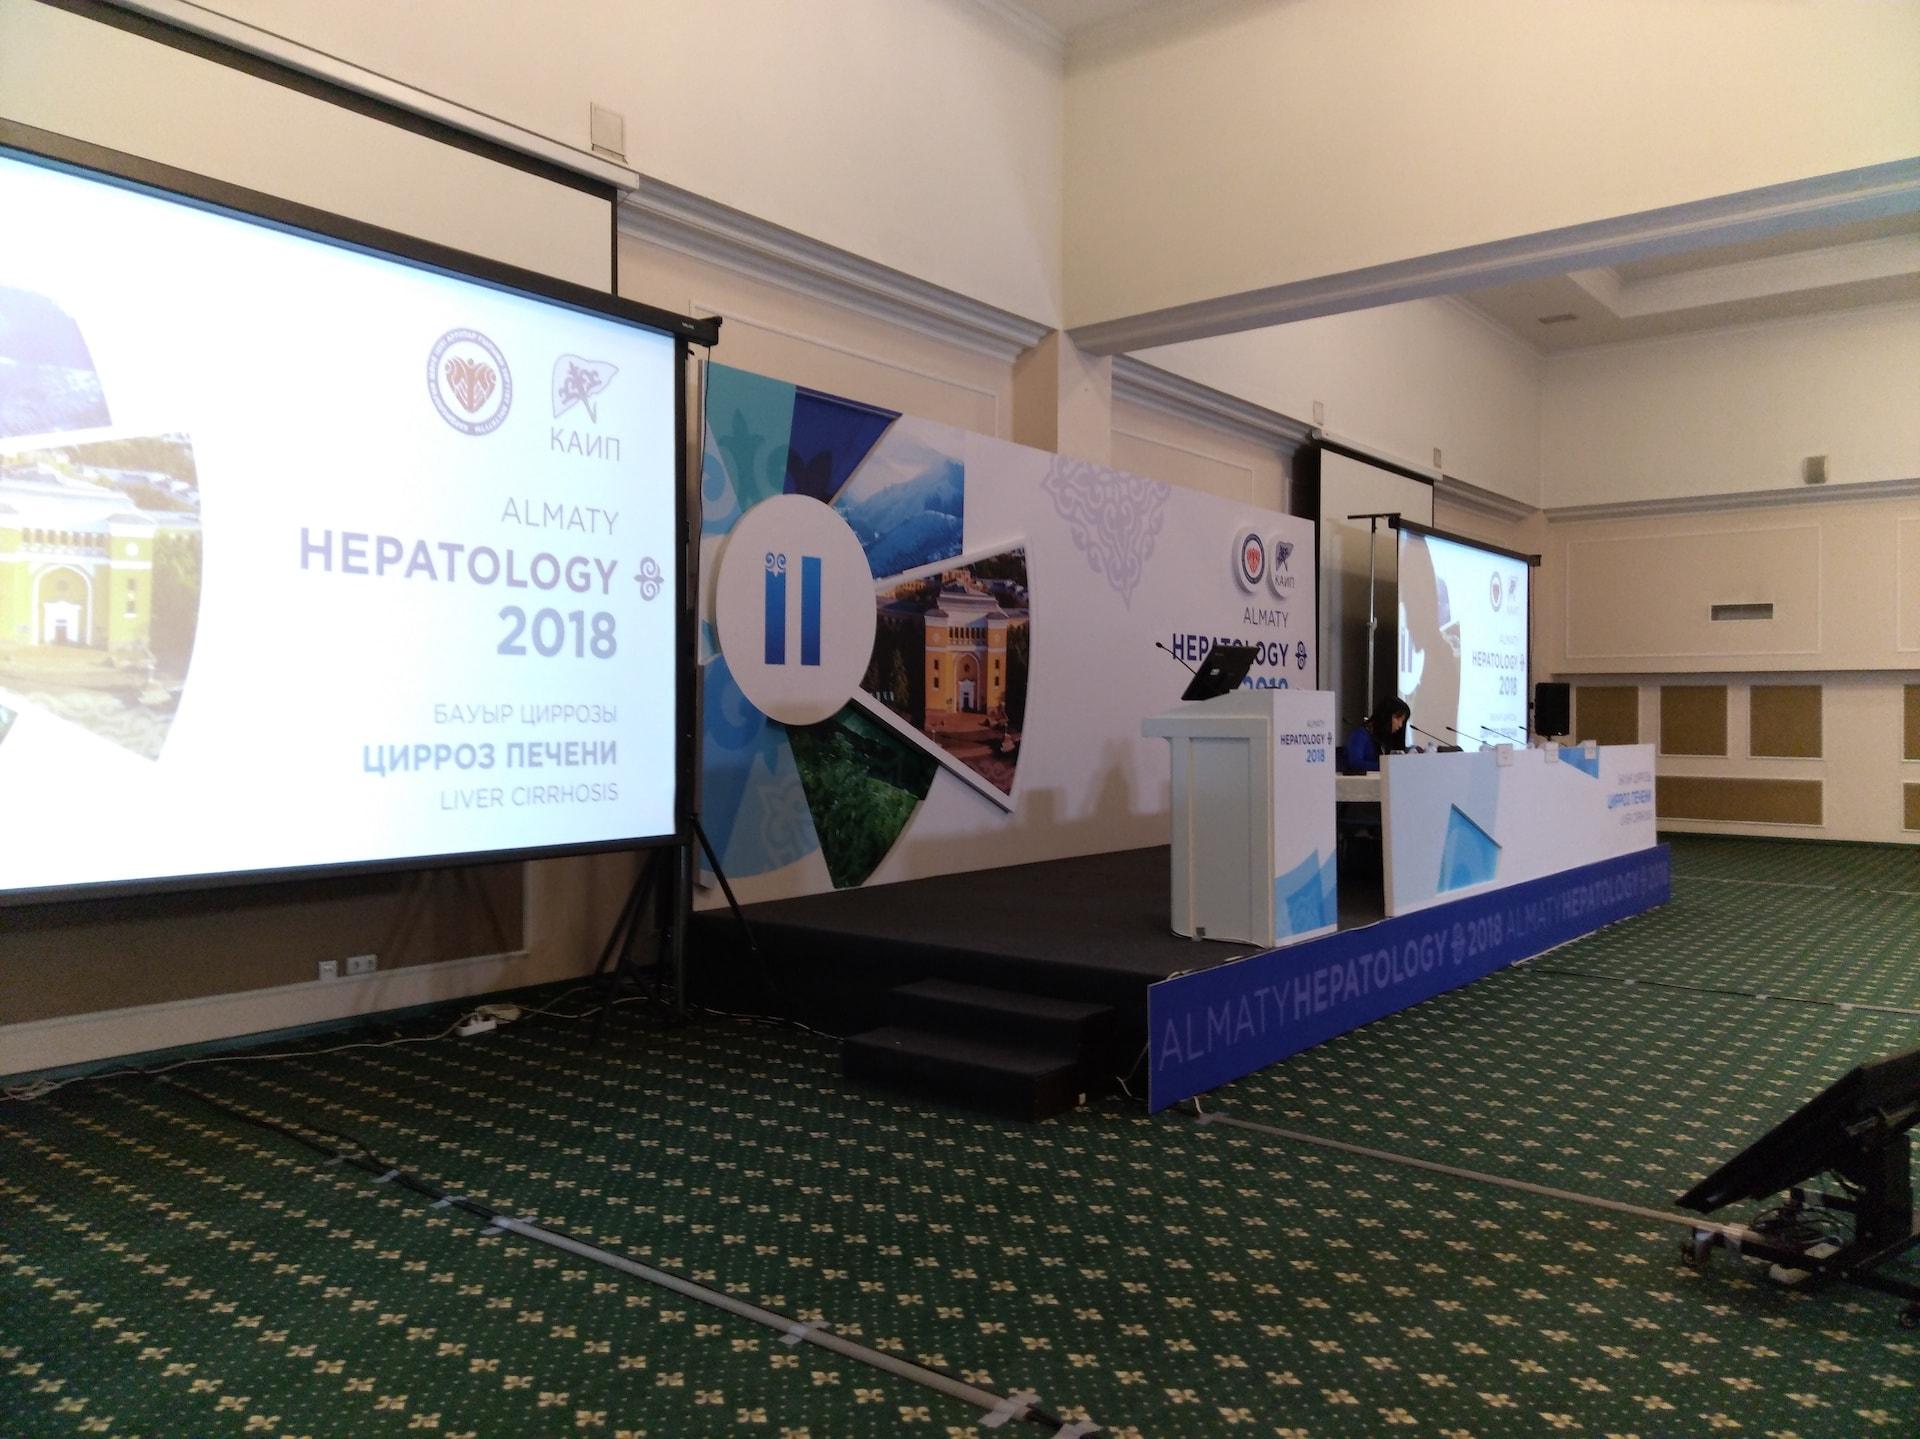 Международный конгресс «Almaty Hepatology – 2018: Цирроз печени»